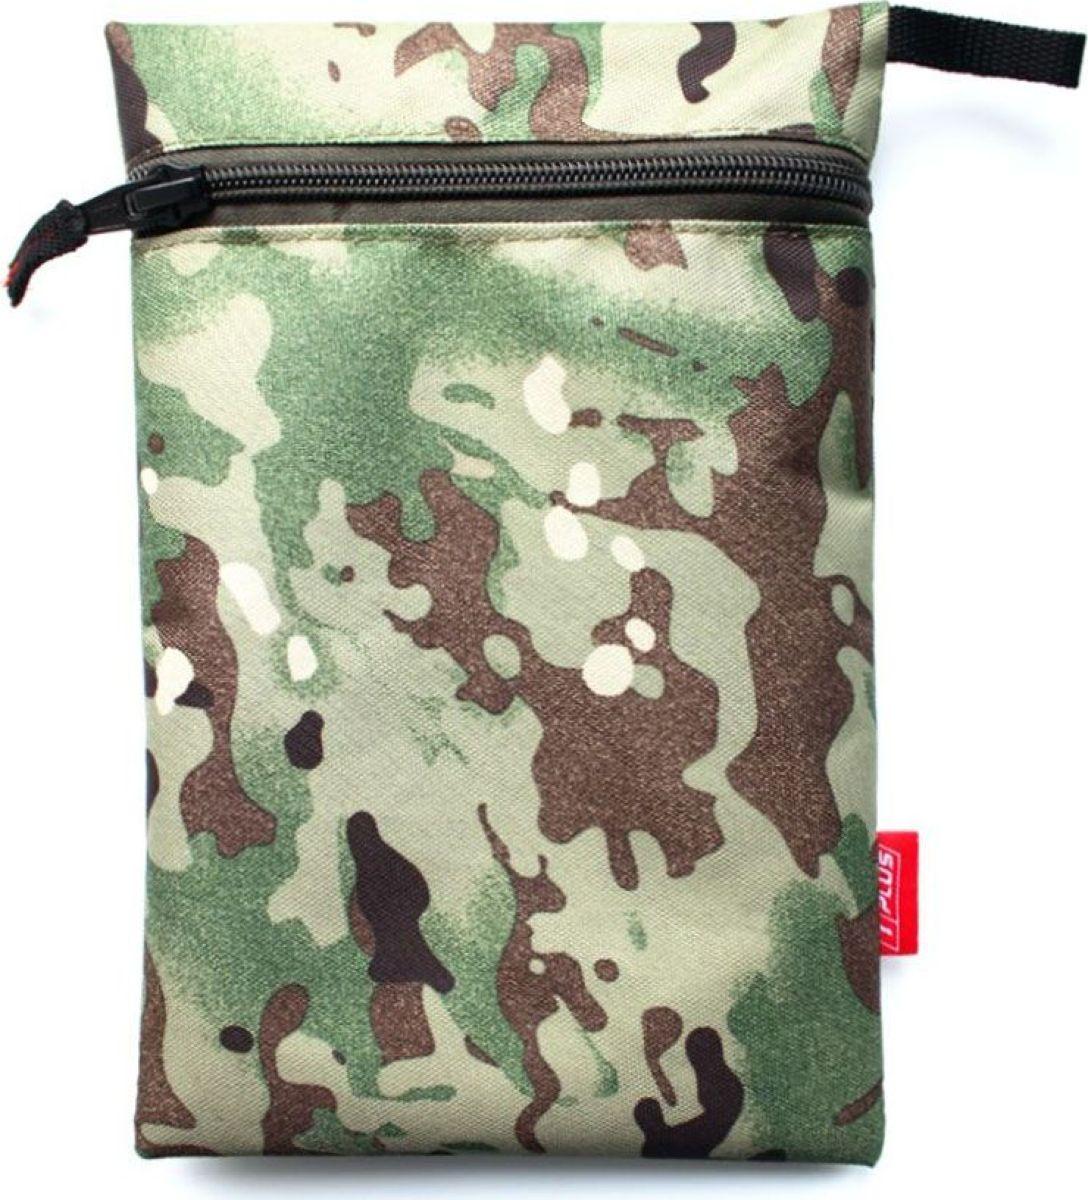 Мешок вещевой Tplus 600, 15 x 23 см, цвет: нато сумка рыбака tplus 600 цвет цифра 40 x 22 x 24 см